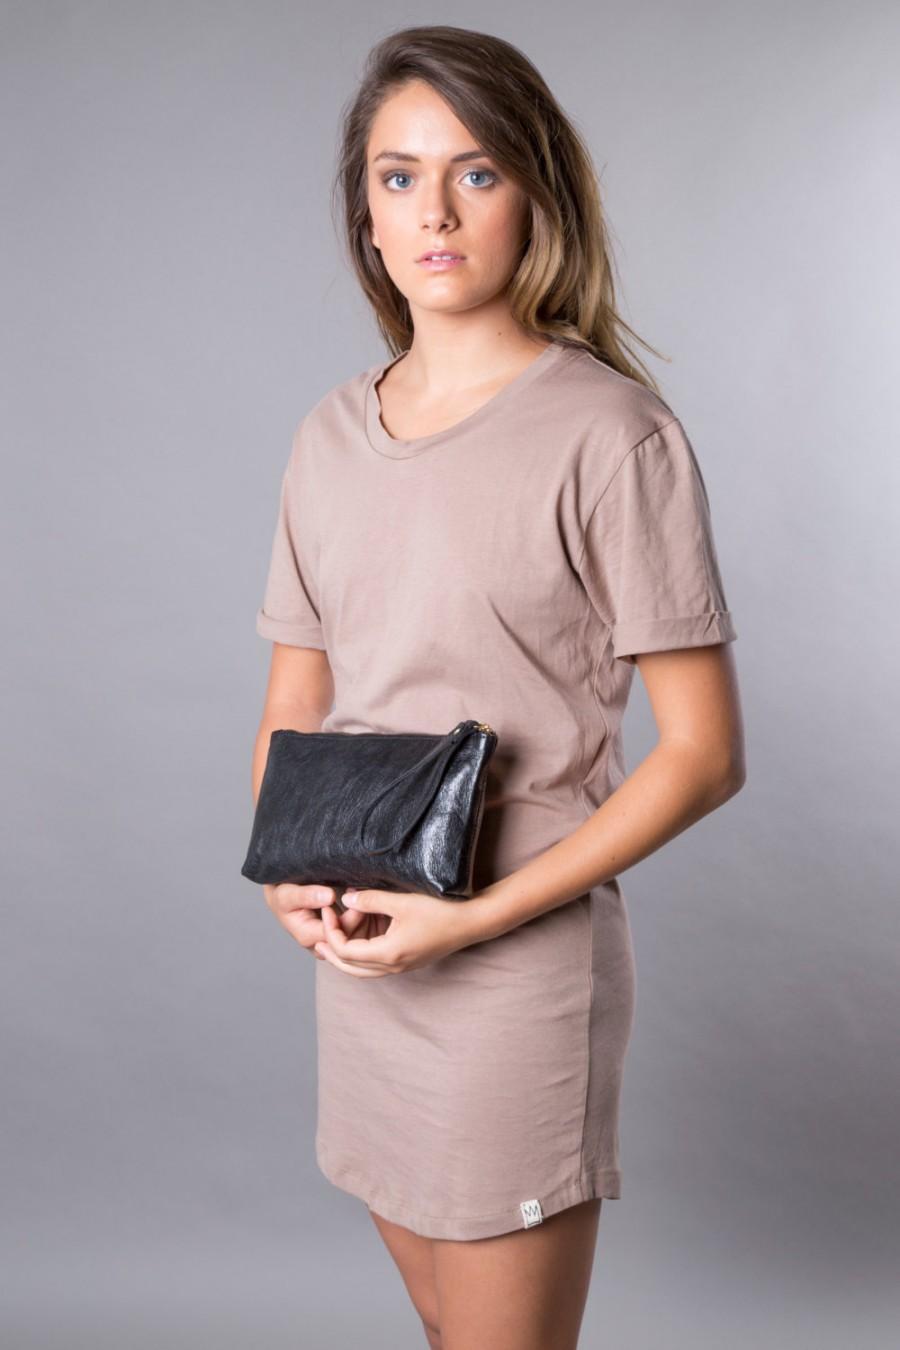 4953e79f94e49 Black leather clutch - soft leather purse SALE wristlet cash envelope wallet  - black wallet - zipper pouch- handmade black clutch